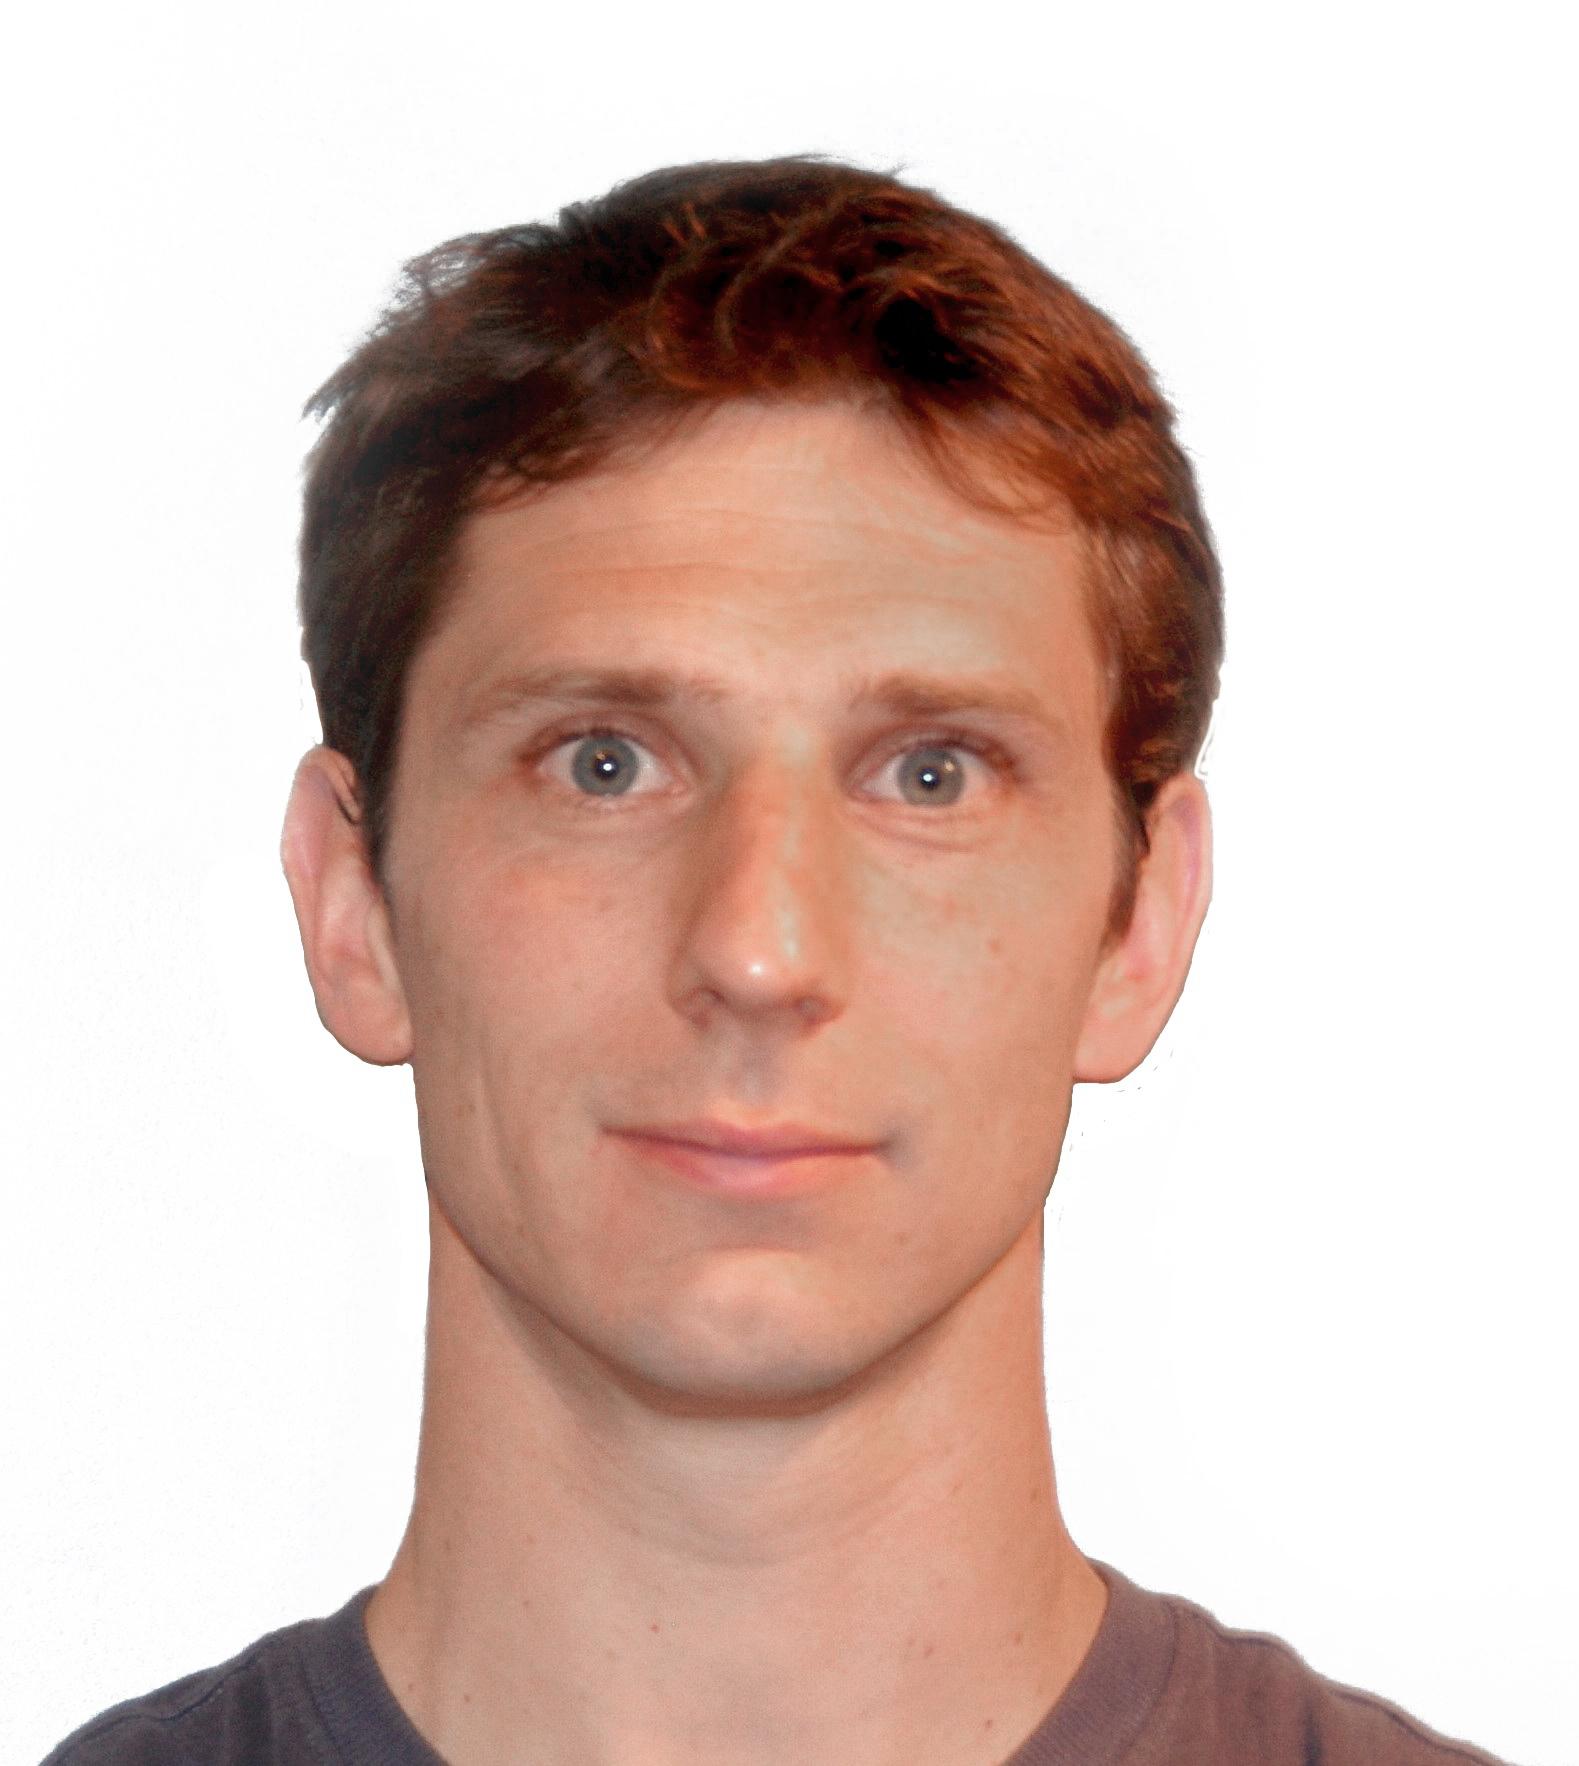 Benoit Pairot de Fontenay